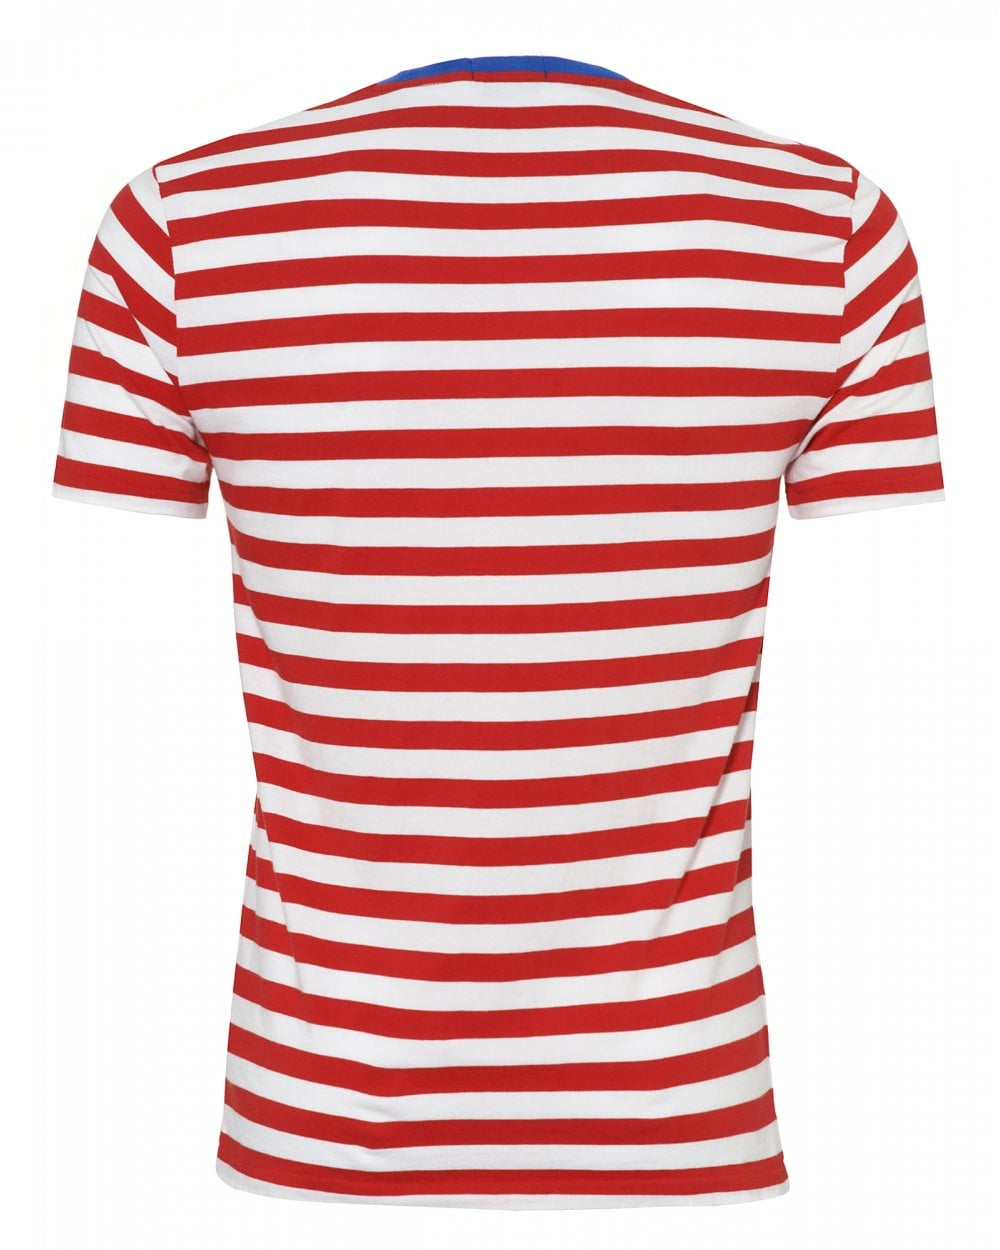 Striped Tee T Red Mens ShirtCruise White 5L3RcAj4qS